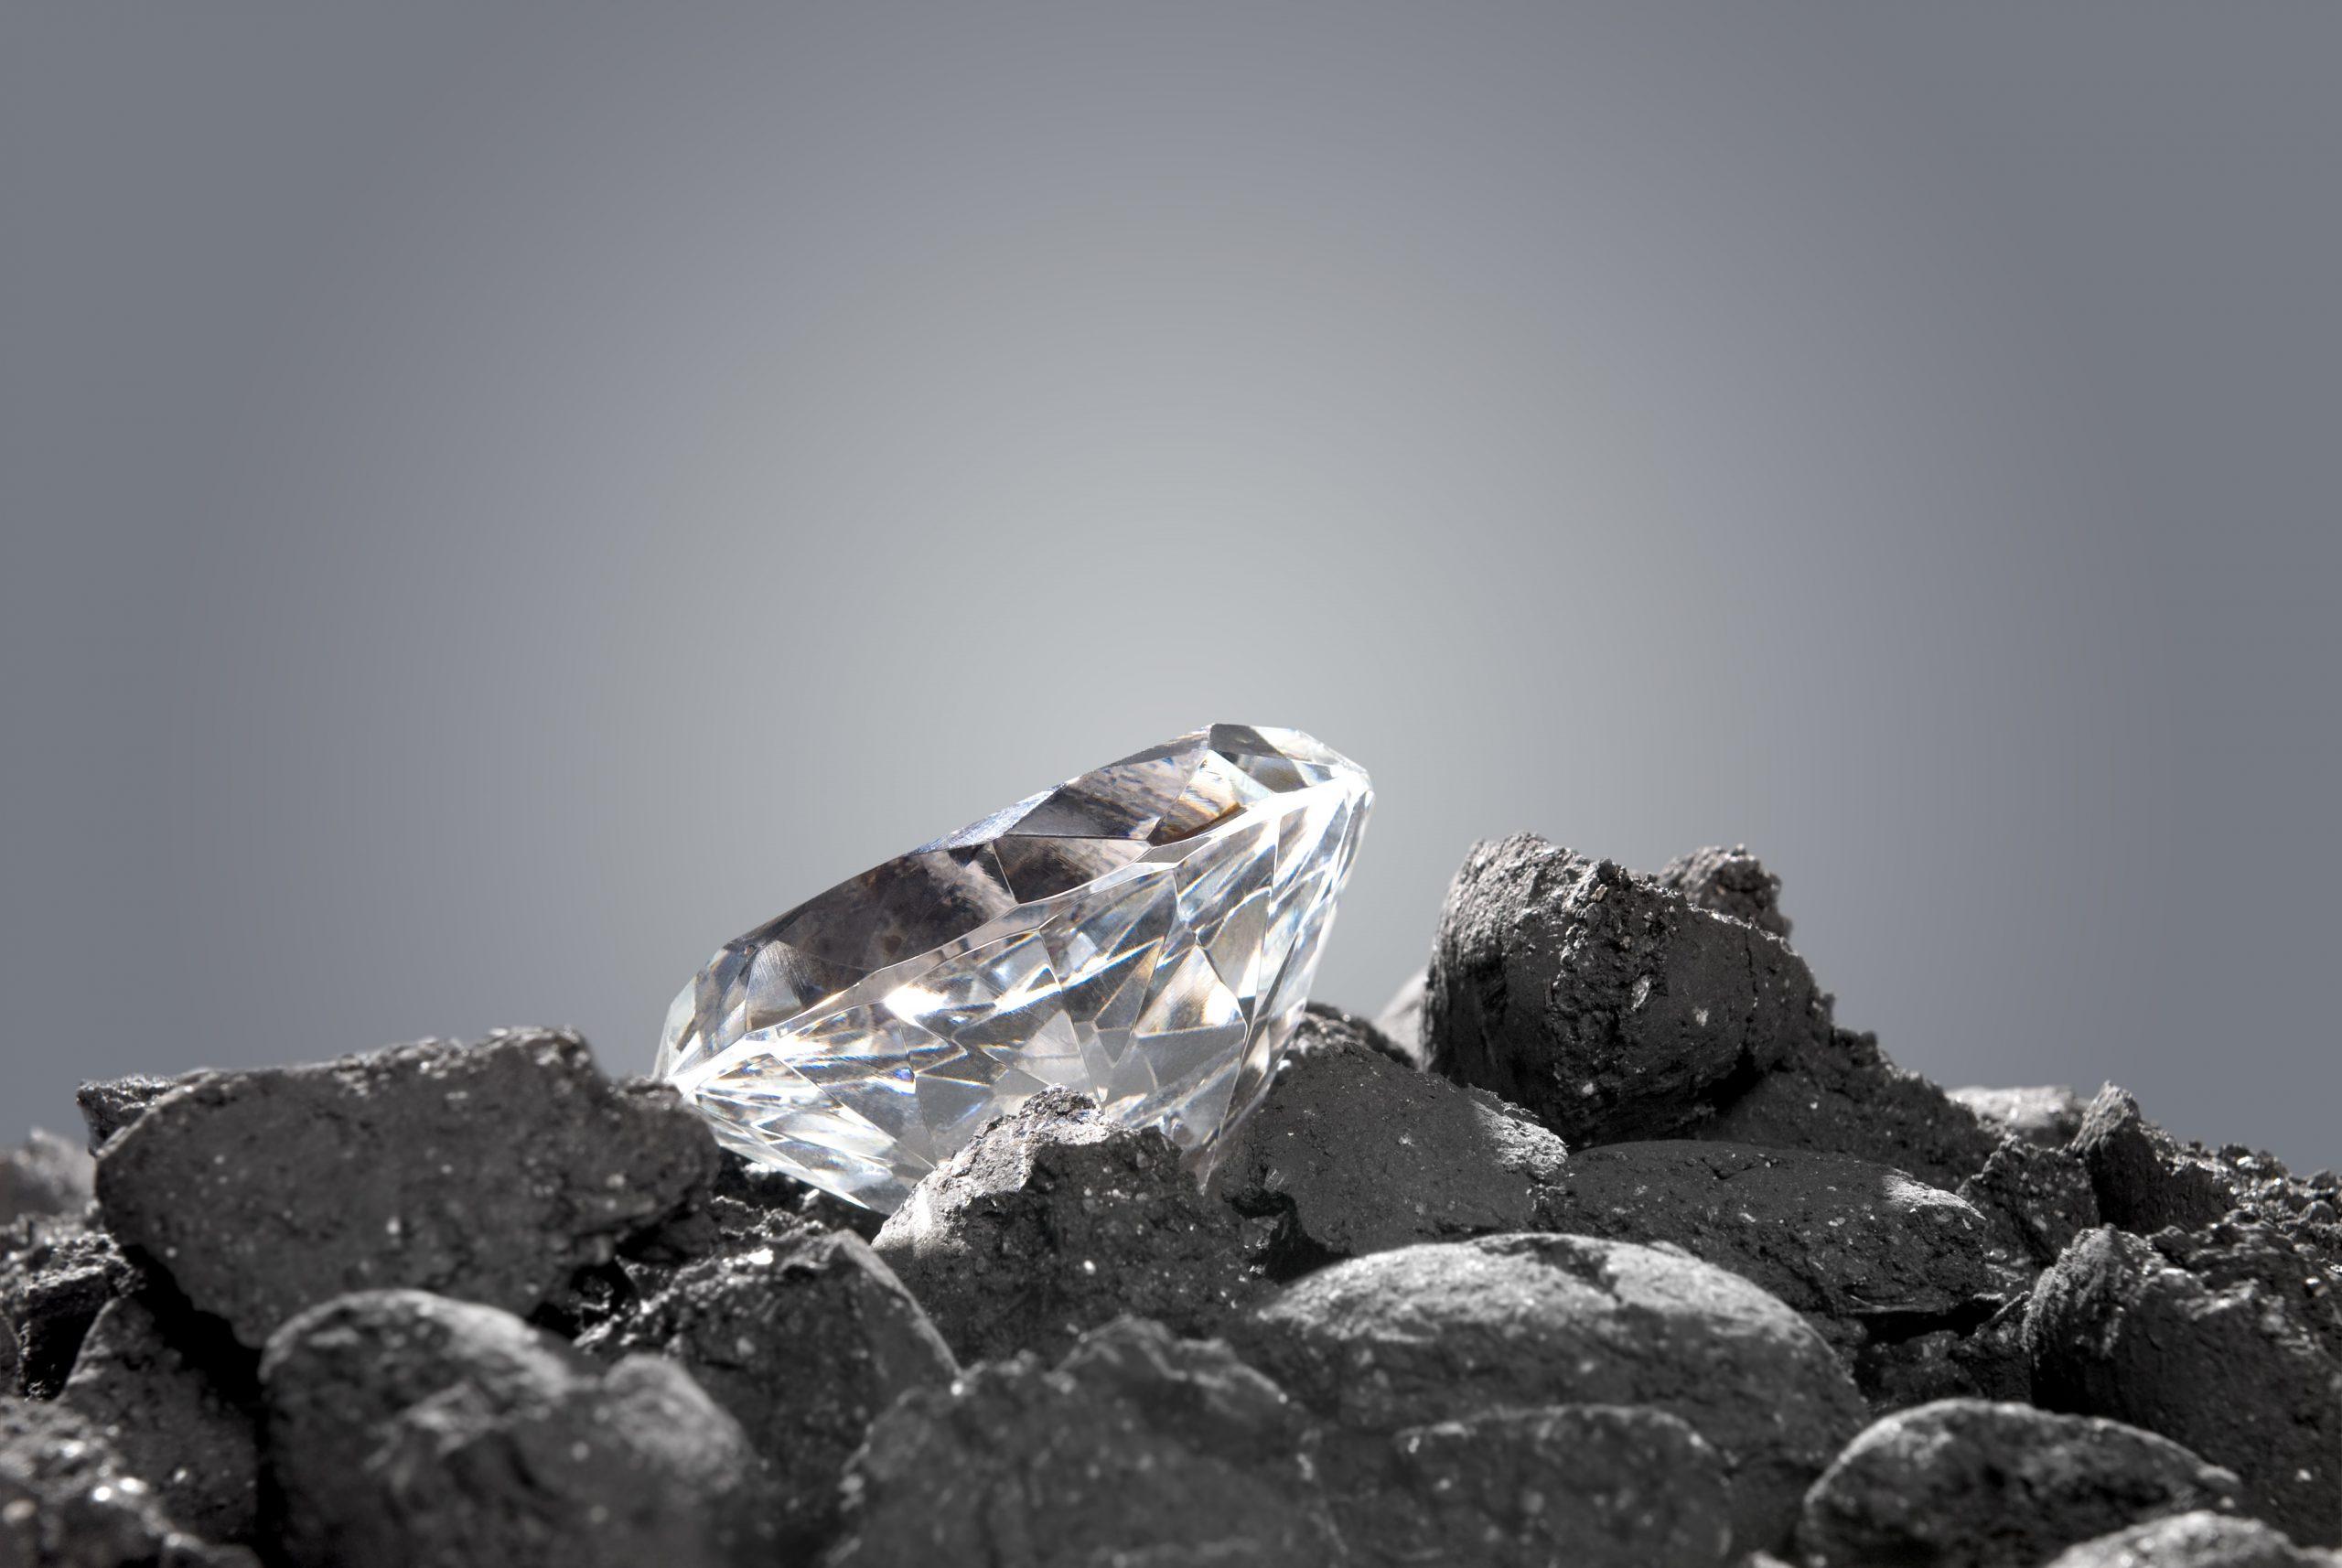 """יהלום מלוטש על ערימה של גושי פחם, המקור ממנו נוצר. התמונה נלקחה ממאגר התמונות """"דפוזיט""""."""